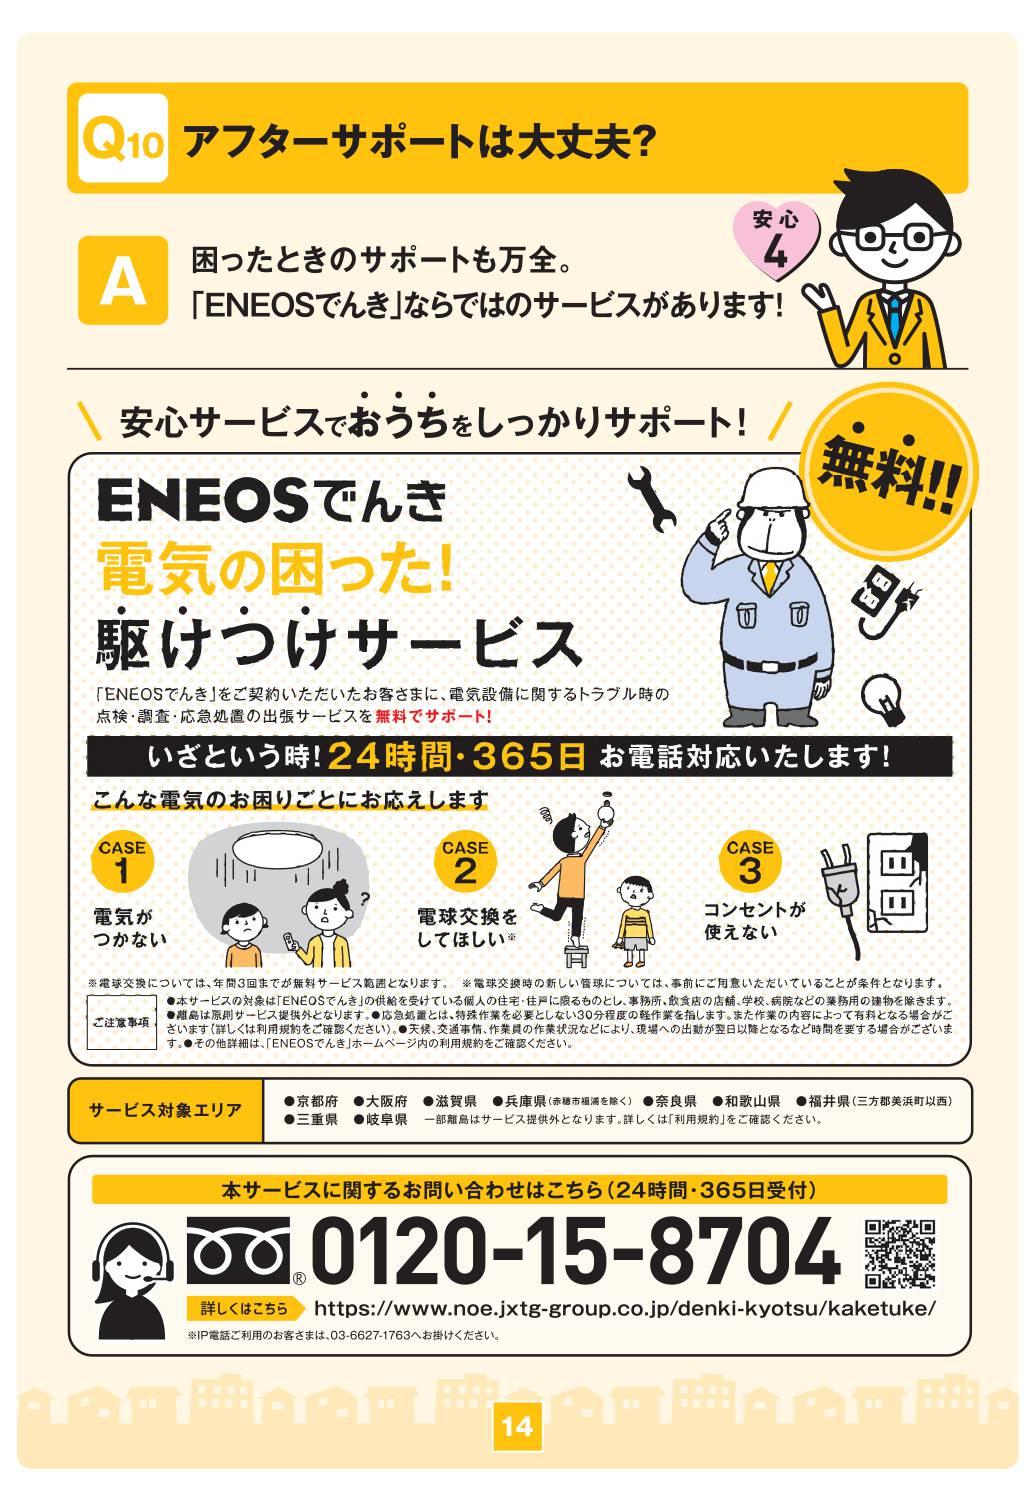 「ENEOSでんき」アフターサポートは大丈夫?